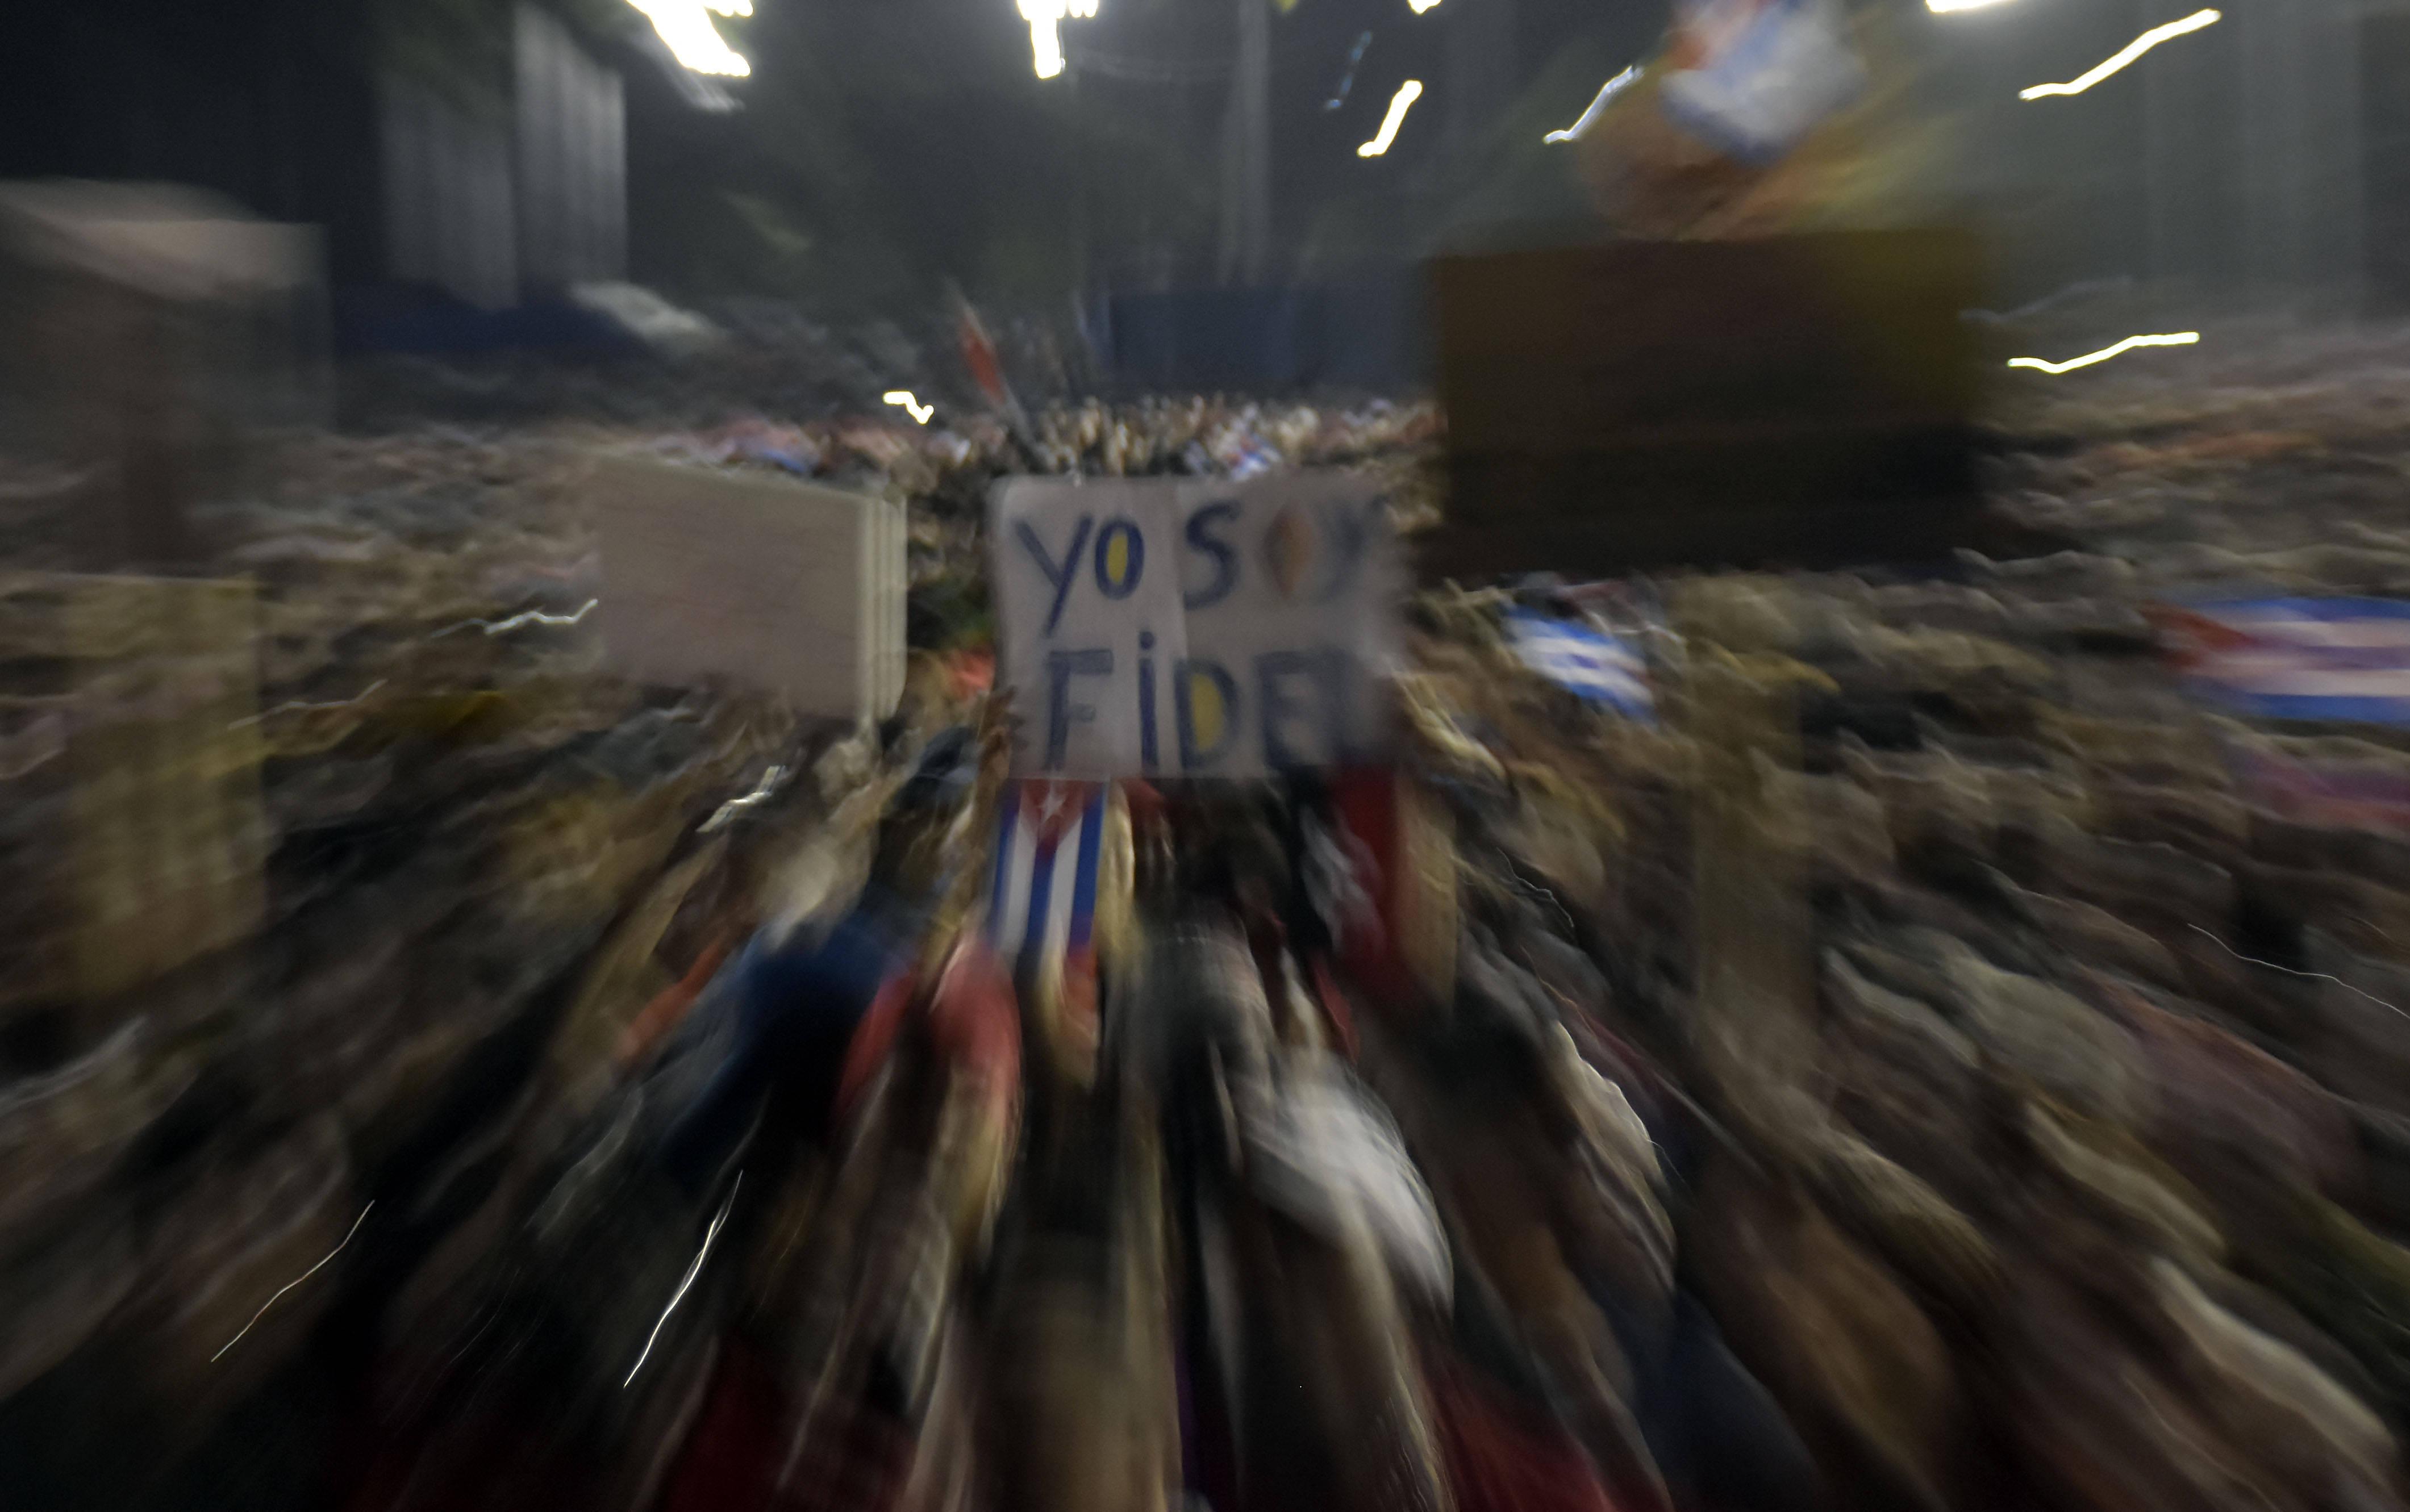 Yo soy Fidel. Foto: Raúl Abreu / Cubadebate.